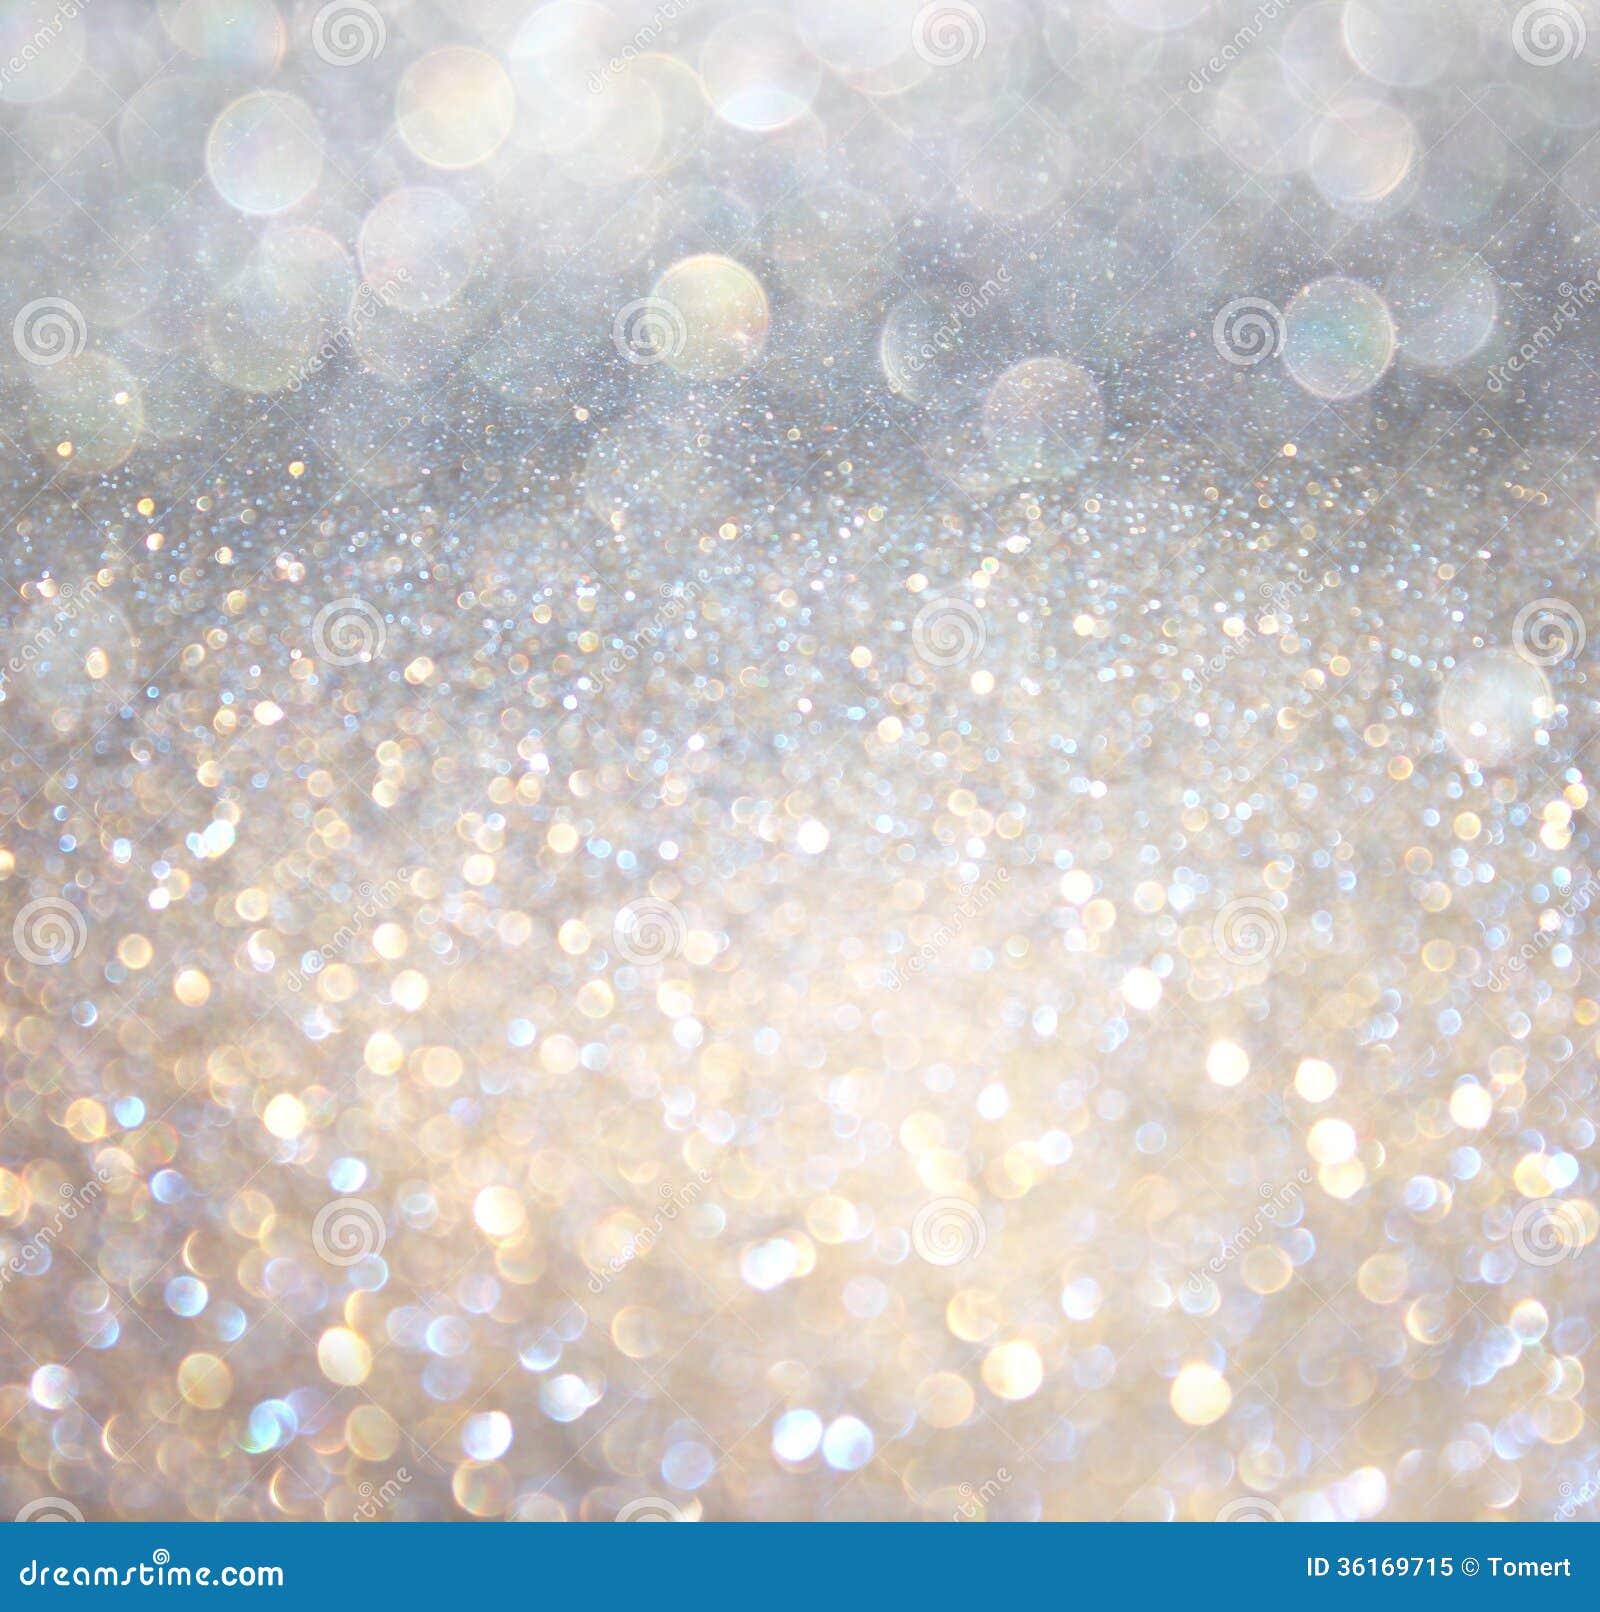 Weiße Silber und Goldabstrakte bokeh Lichter. defocused Hintergrund